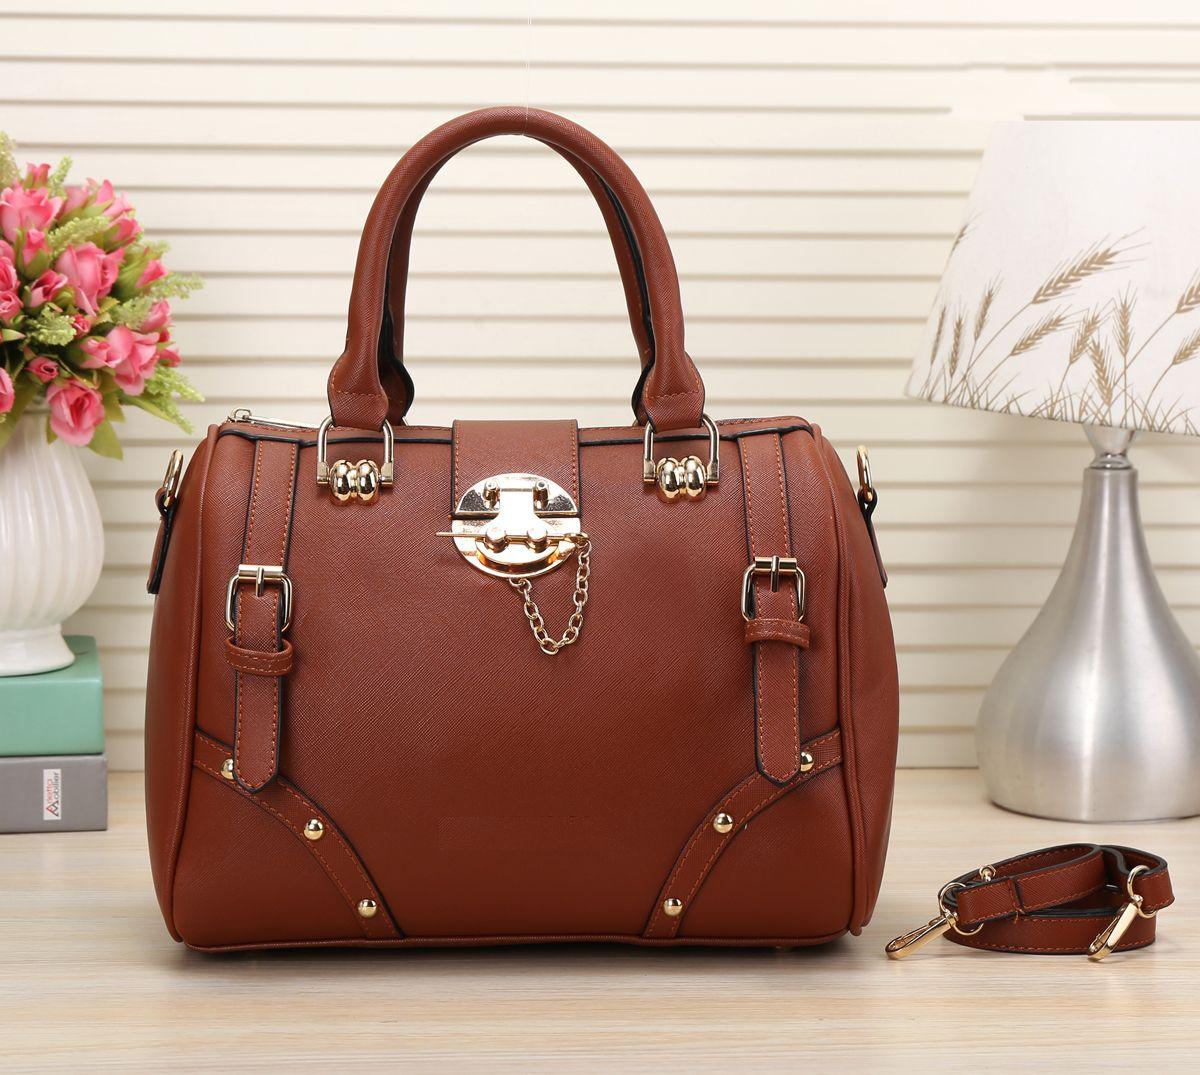 Sacchetto di tote di marca di sugao rosa 069M borse di lusso in pelle borse borse di moda donne famose borsa di marca borsa